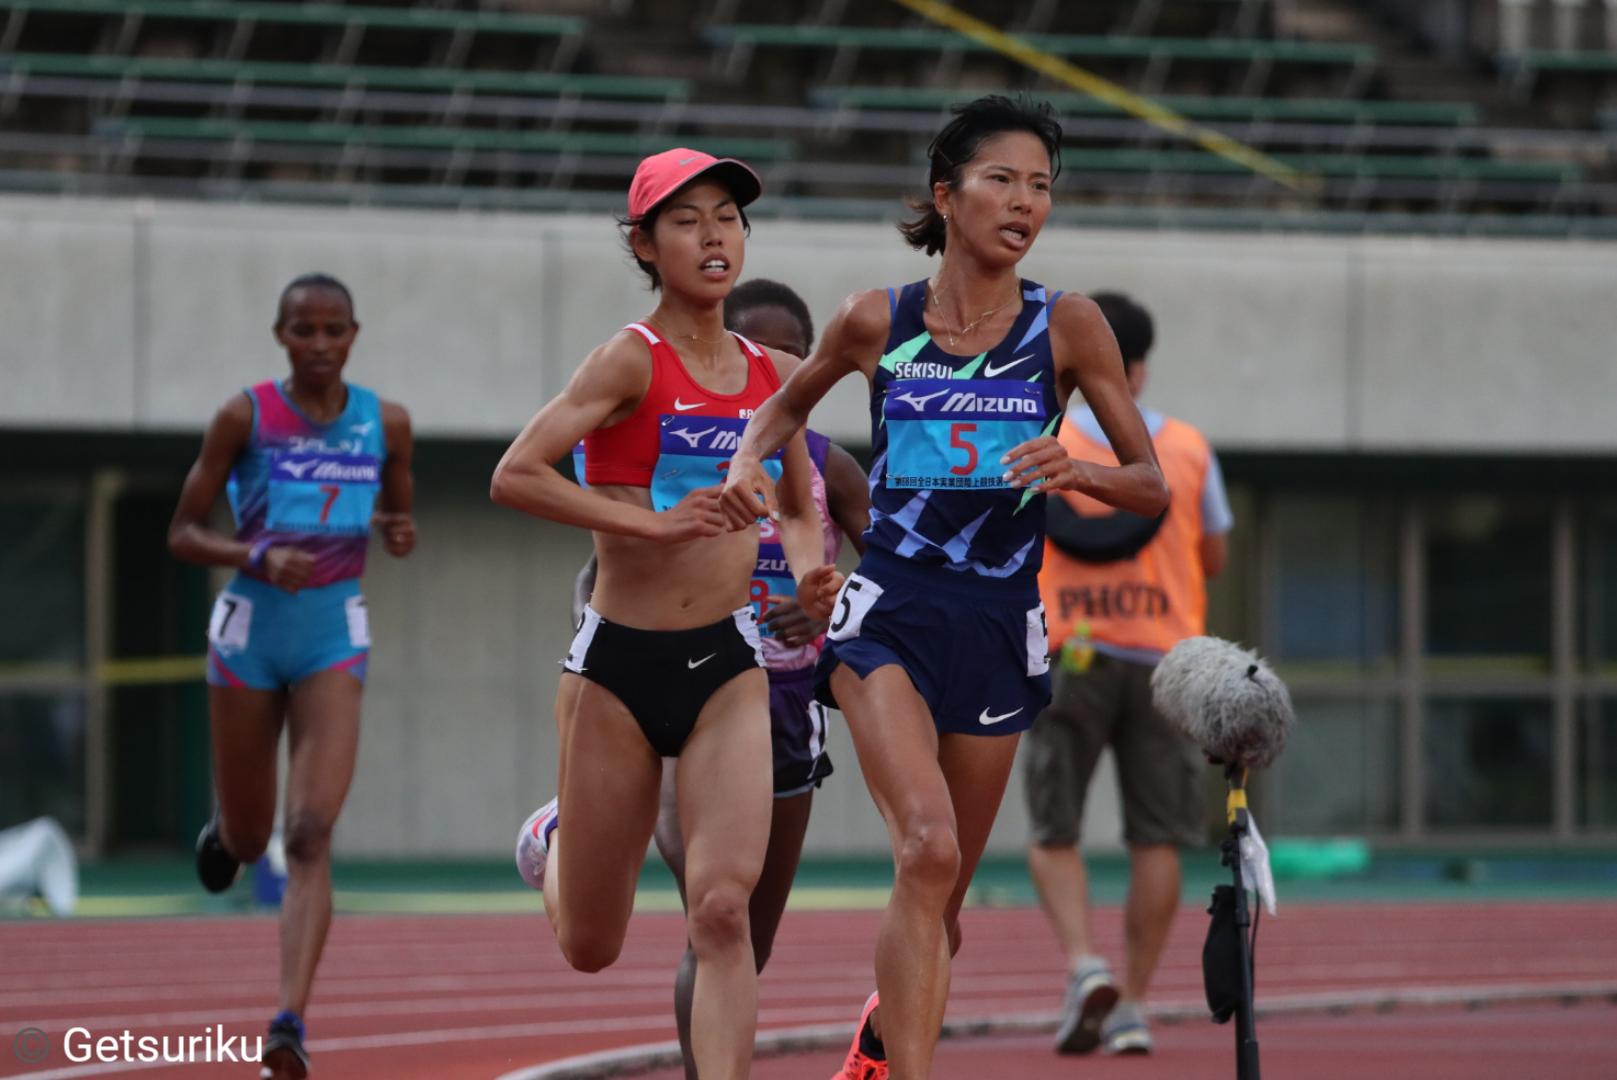 【長距離】5000mで新谷と廣中が14分台!日本歴代2、3位/全日本実業団